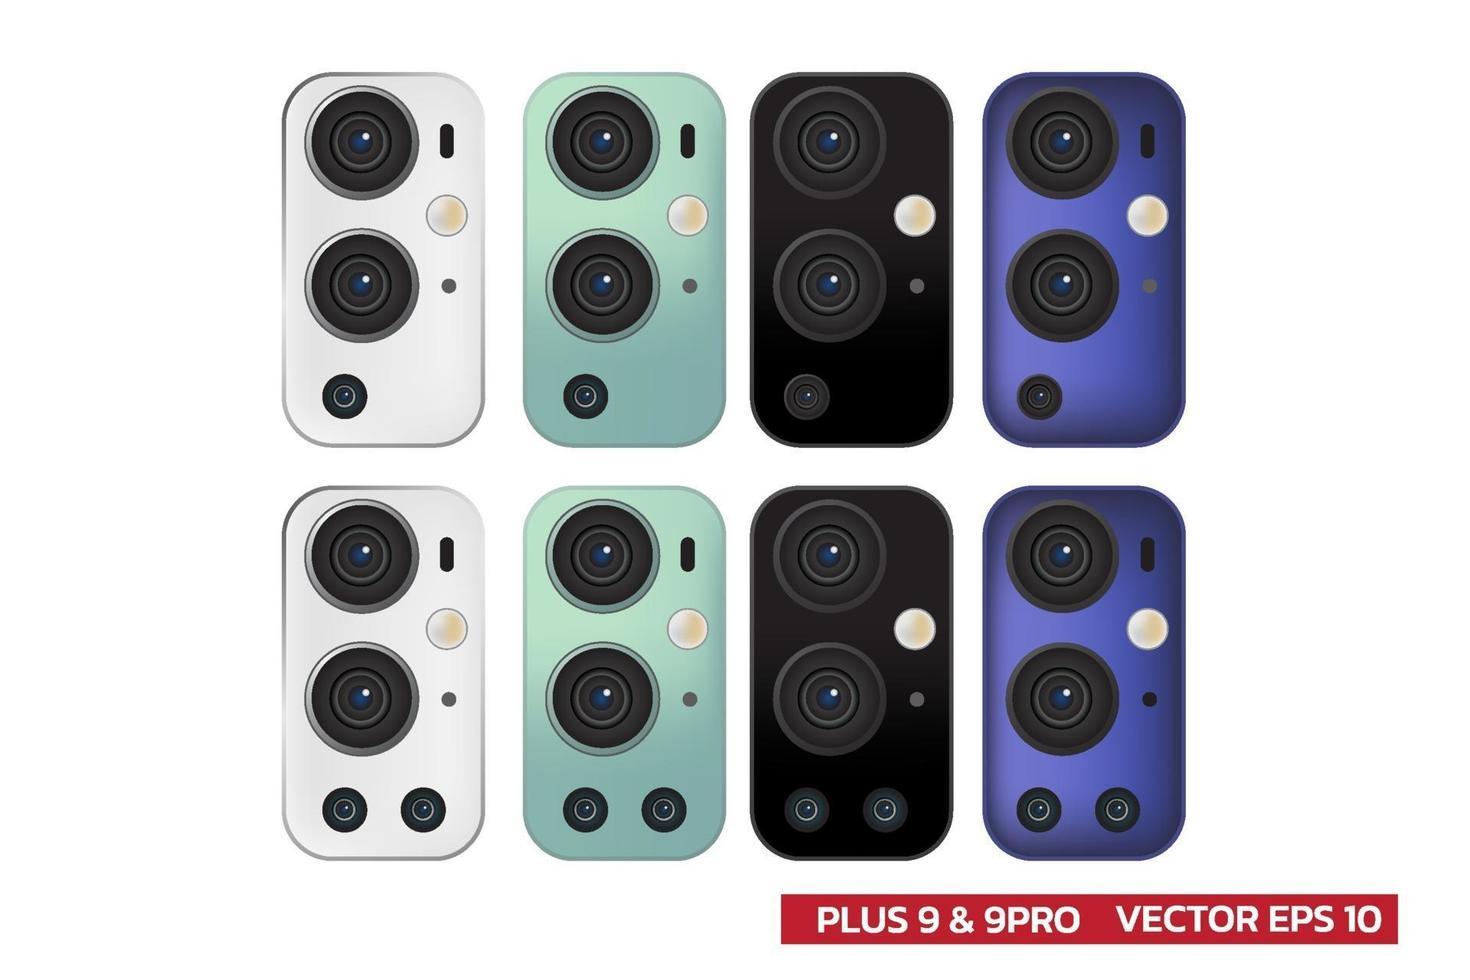 Dreifachobjektiv und Vierobjektiv des Kameramodells in verschiedenen Farben, Schwarz-Weiß-Grün-Blau, realistische Vektorillustration. vektor